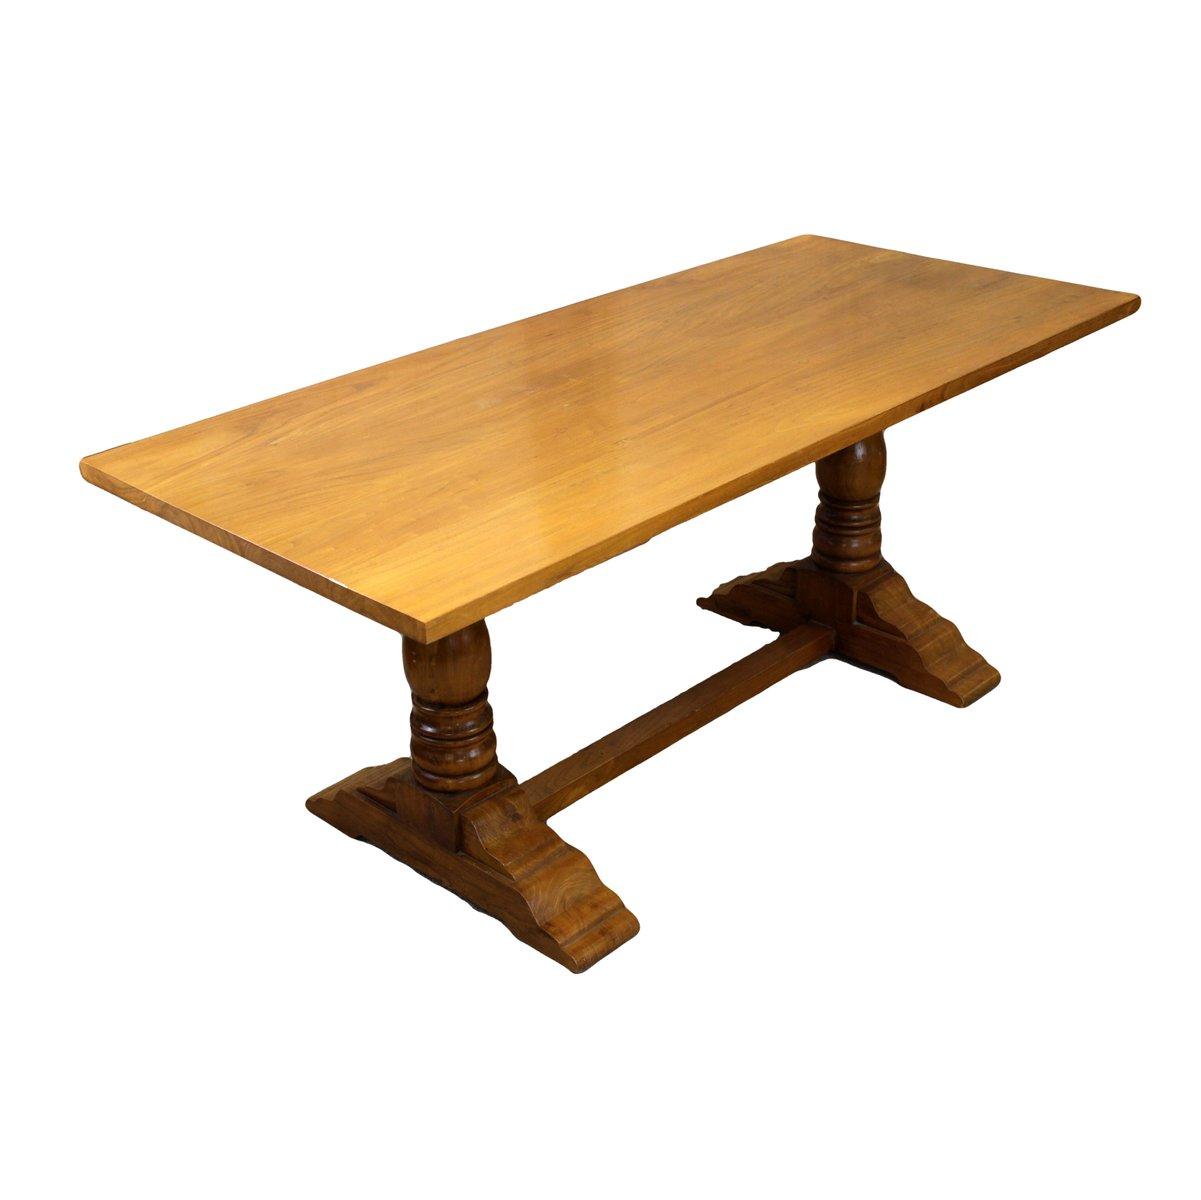 Tavolo da pranzo vintage in stile refettorio in legno massiccio in ...